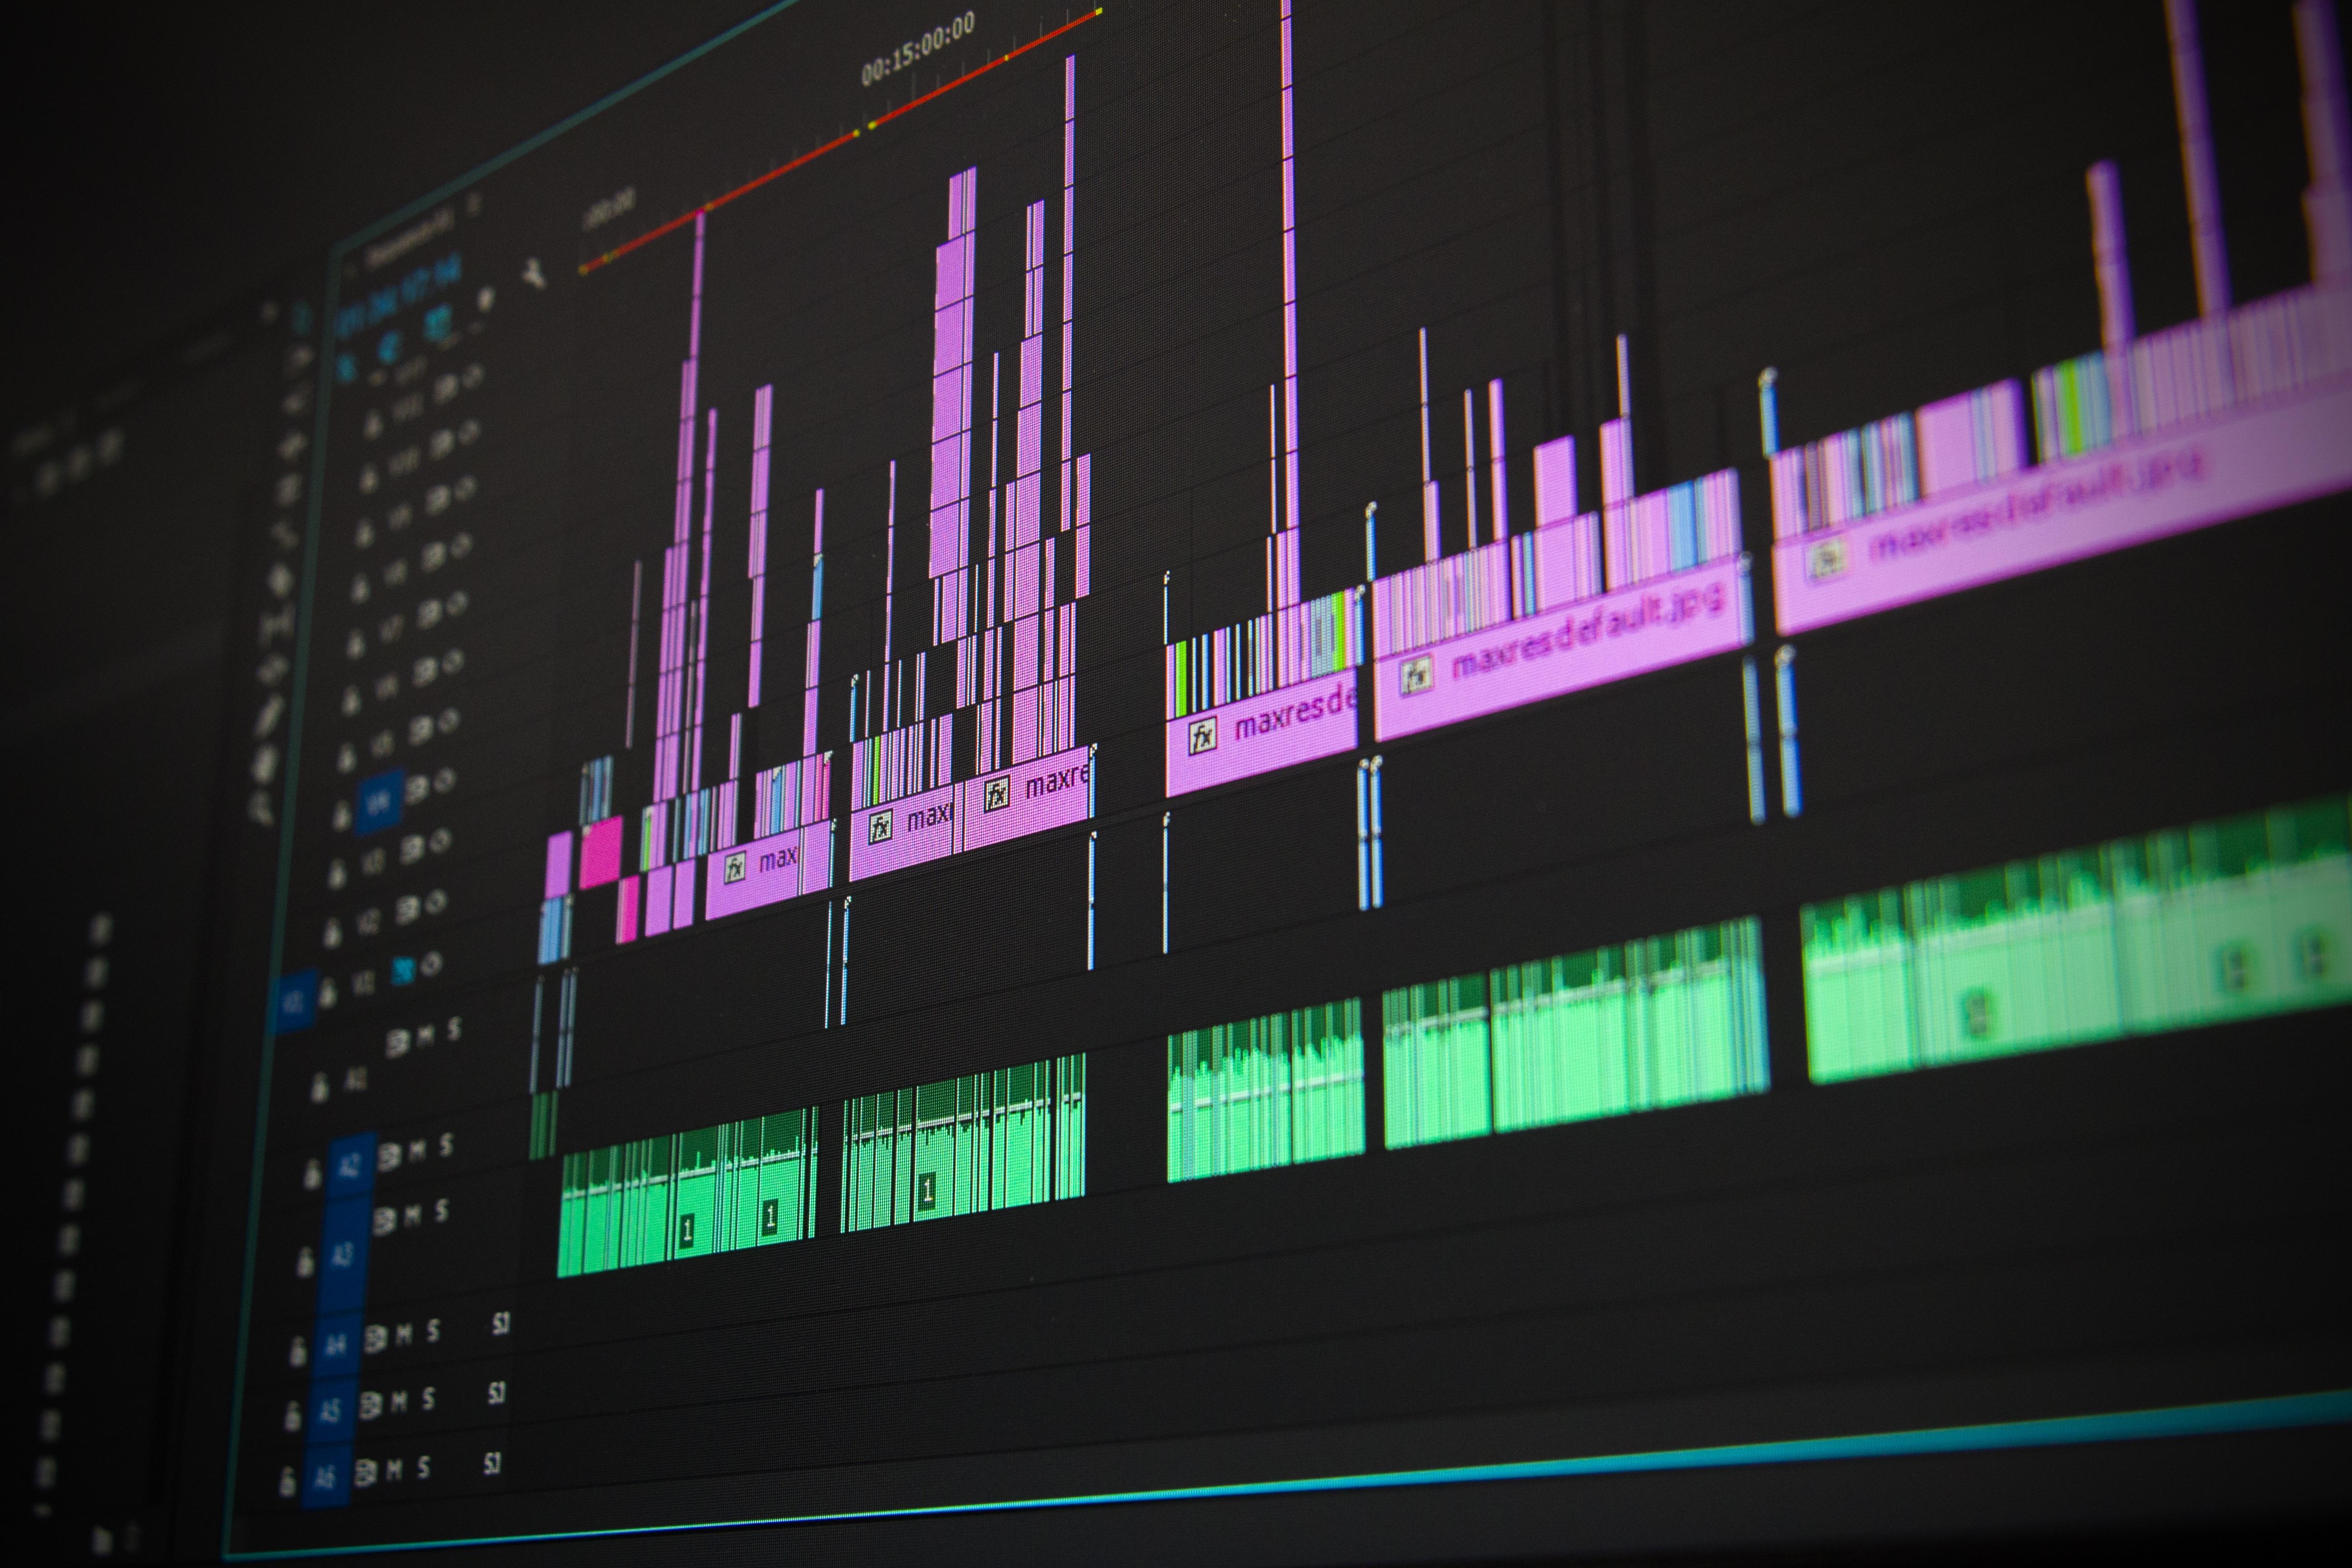 Como ganhar dinheiro como editor de vídeo?